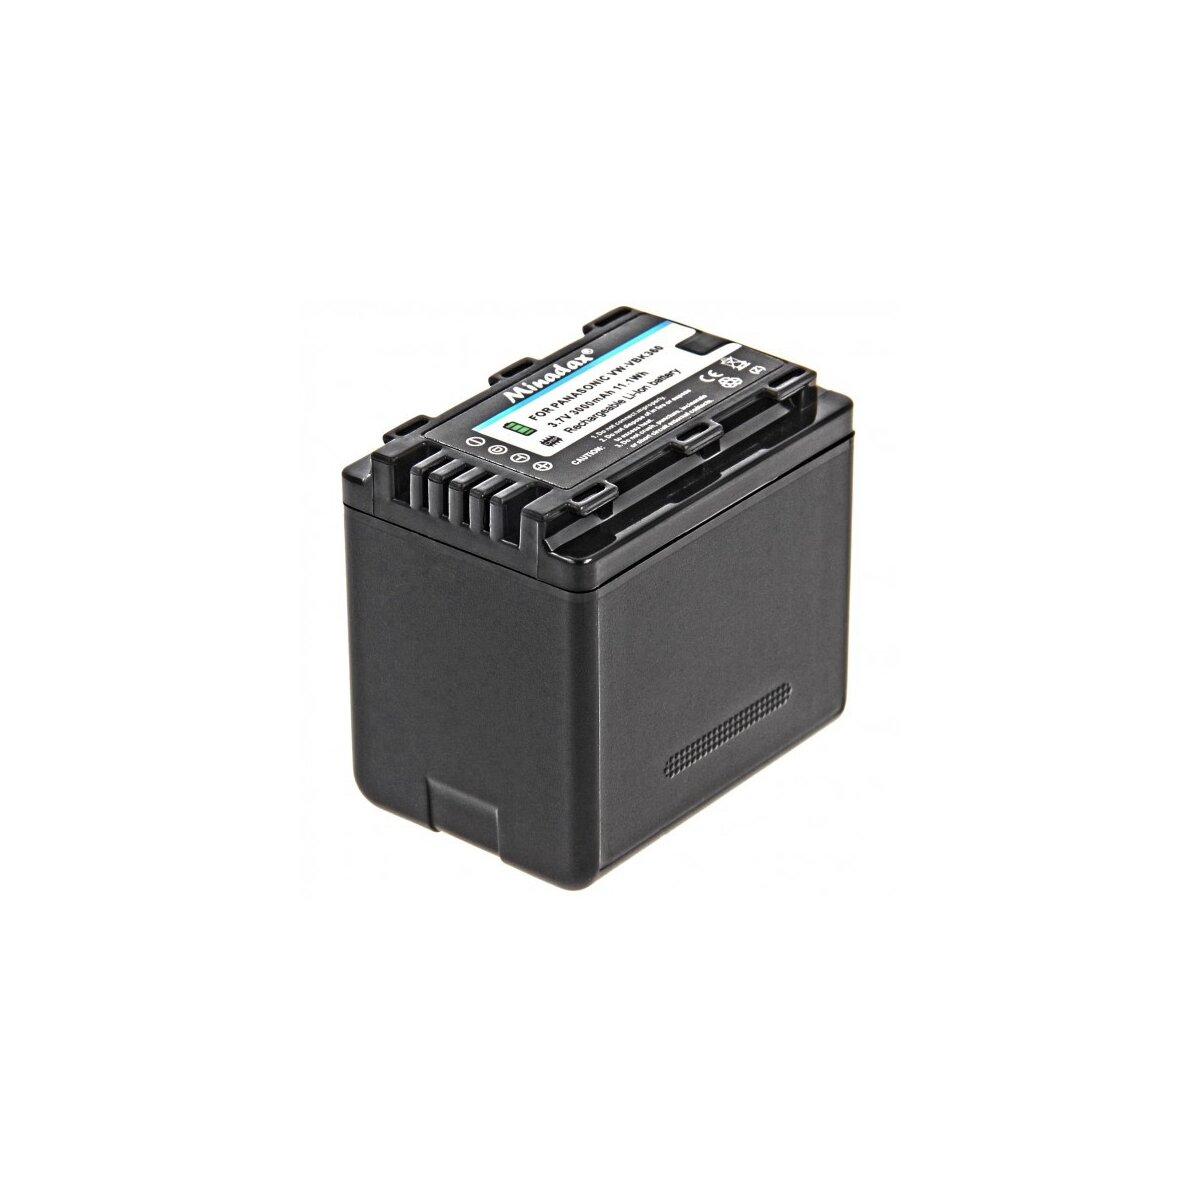 Minadax® Qualitaetsakku mit echten 3000 mAh fuer Panasonic HDC HS60 HS80 SD40 SD60 SD66 SD80 SD90 SD99 SDX1 TM40 TM55 TM60 TM80 TM90, wie VW VBK360 - Intelligentes Akkusystem mit Chip